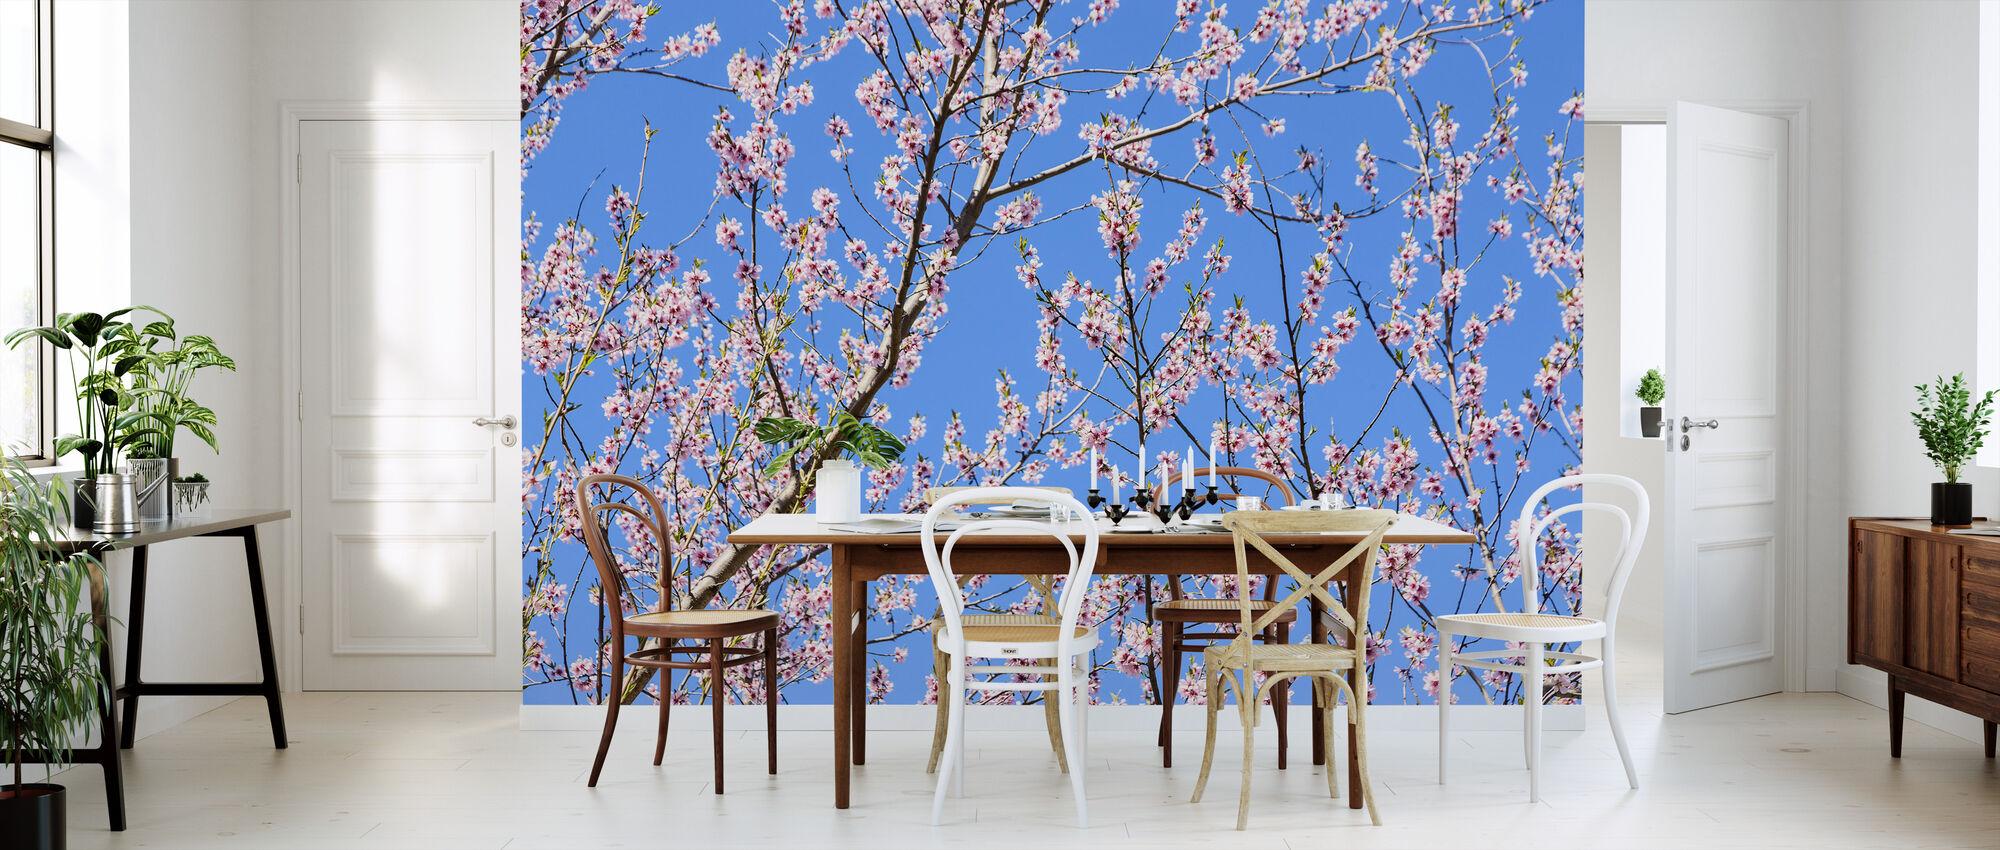 Kersenbloesem Takken - Behang - Keuken